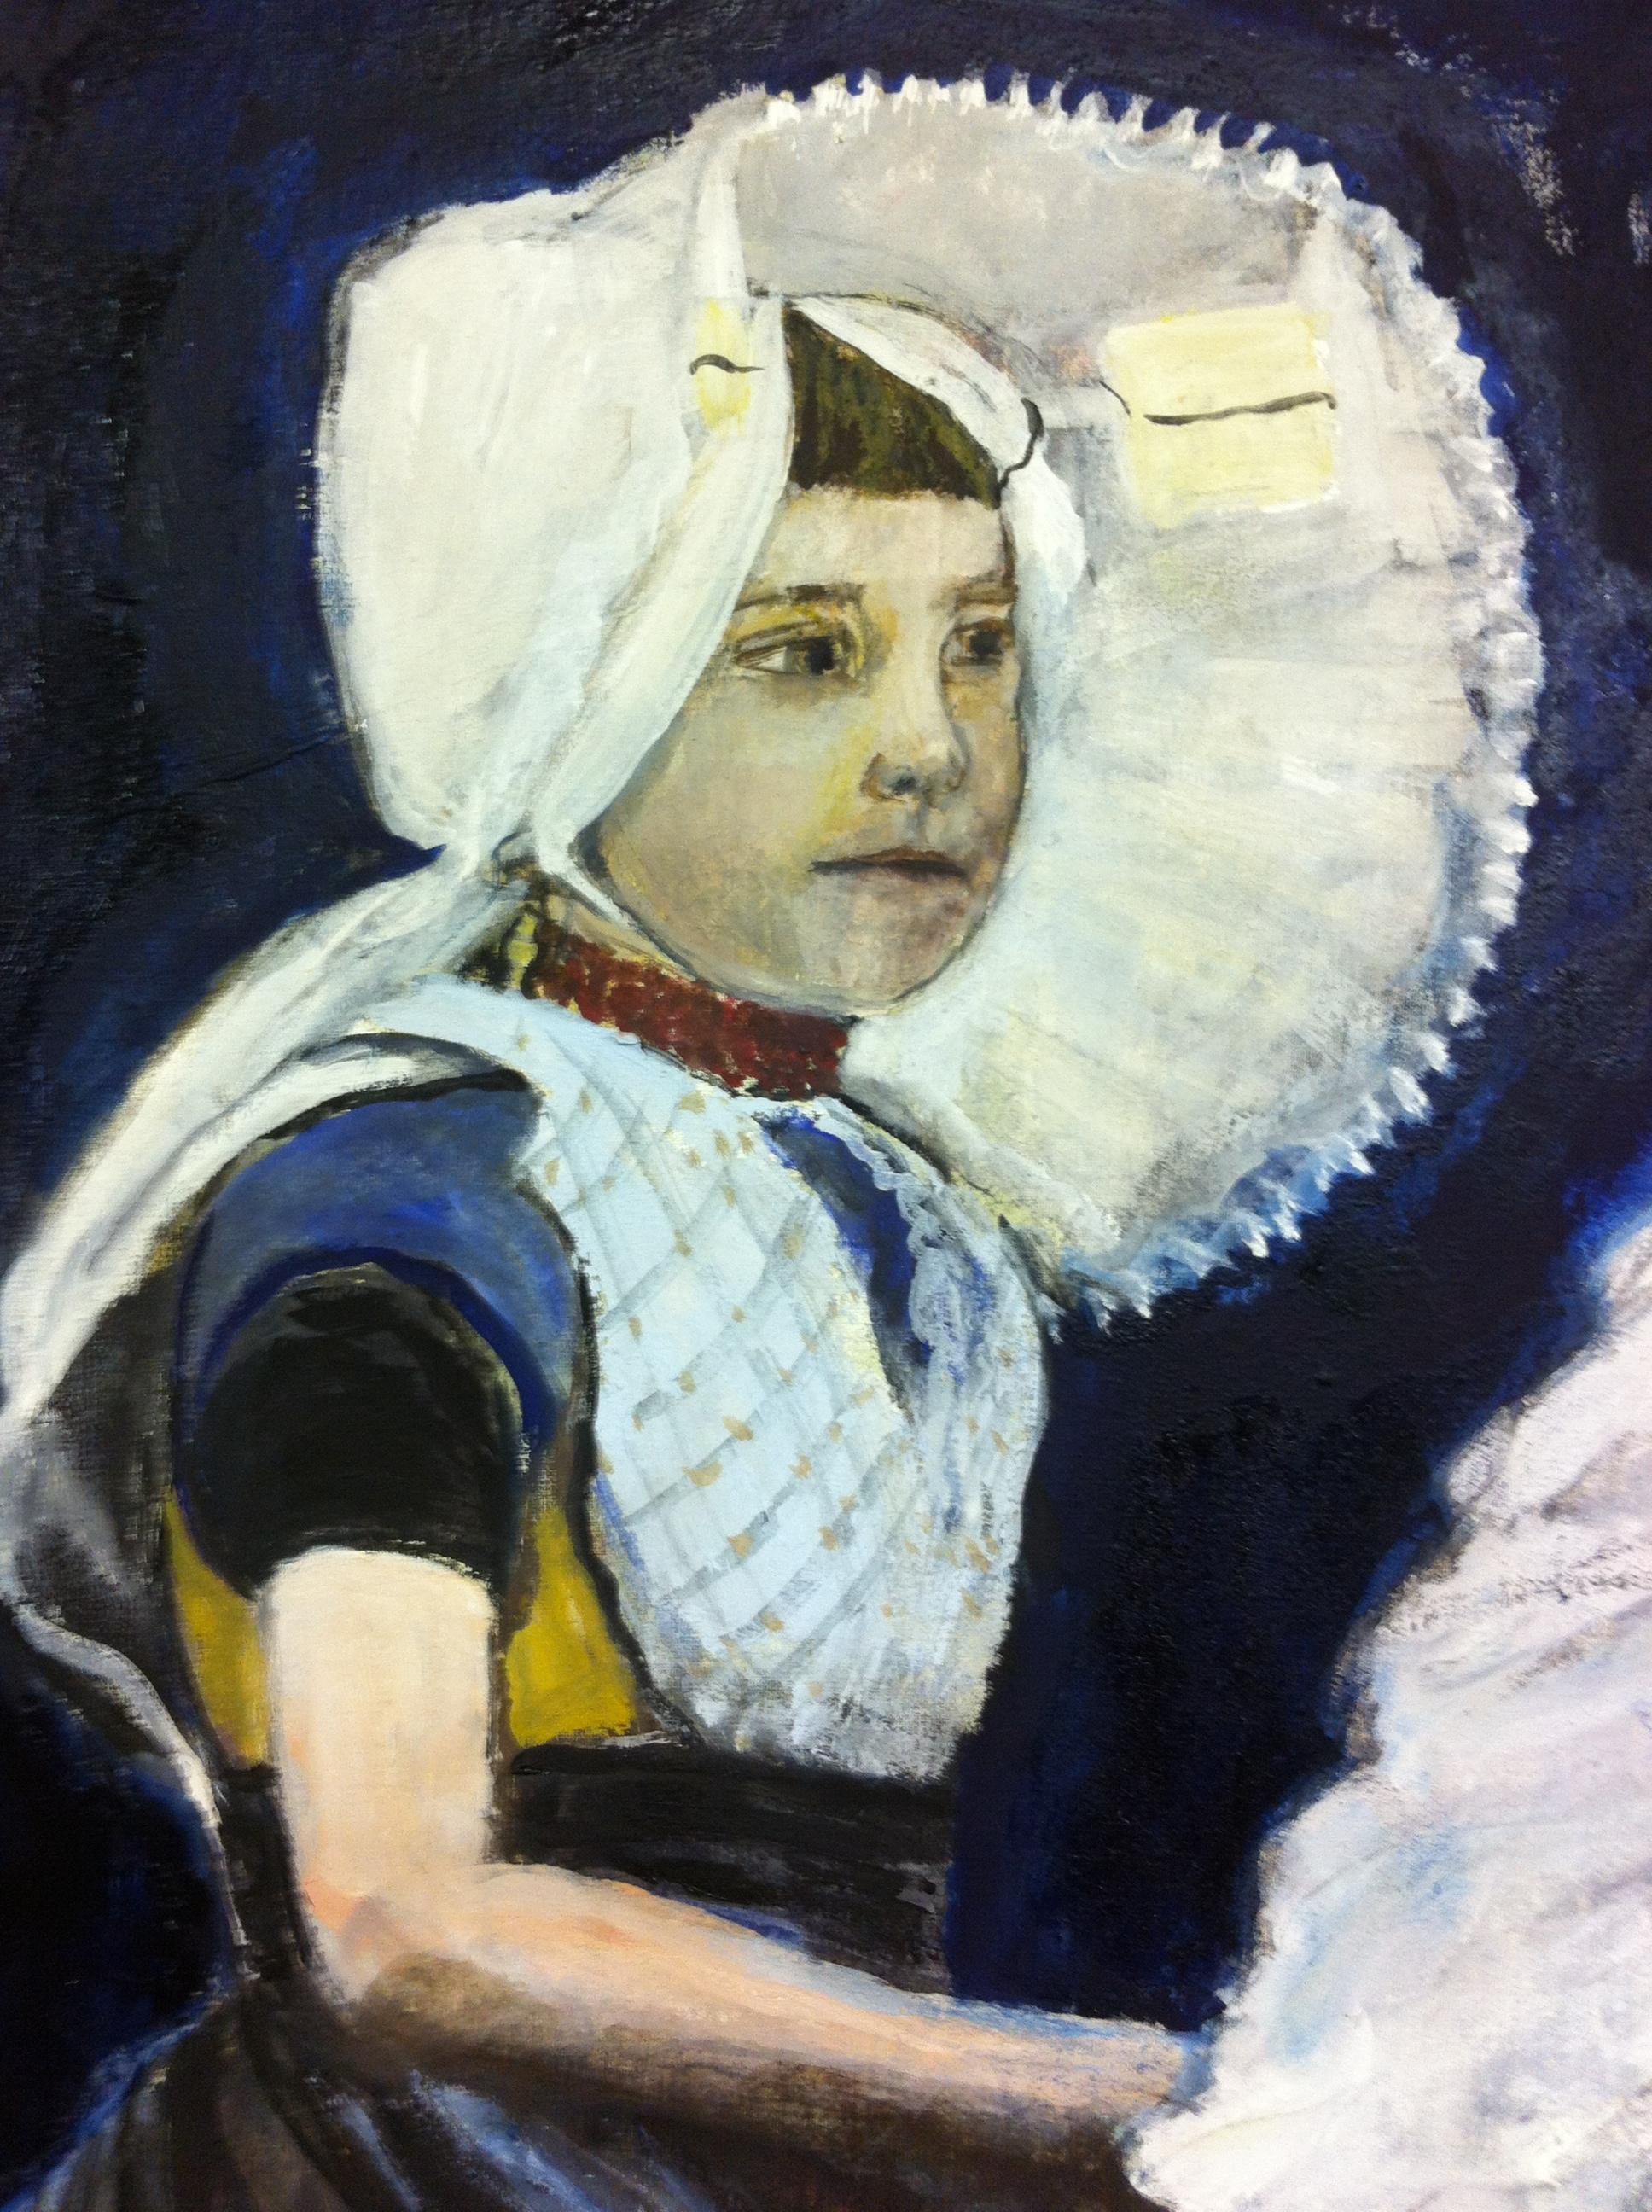 Dutch girl - Oil on canvas